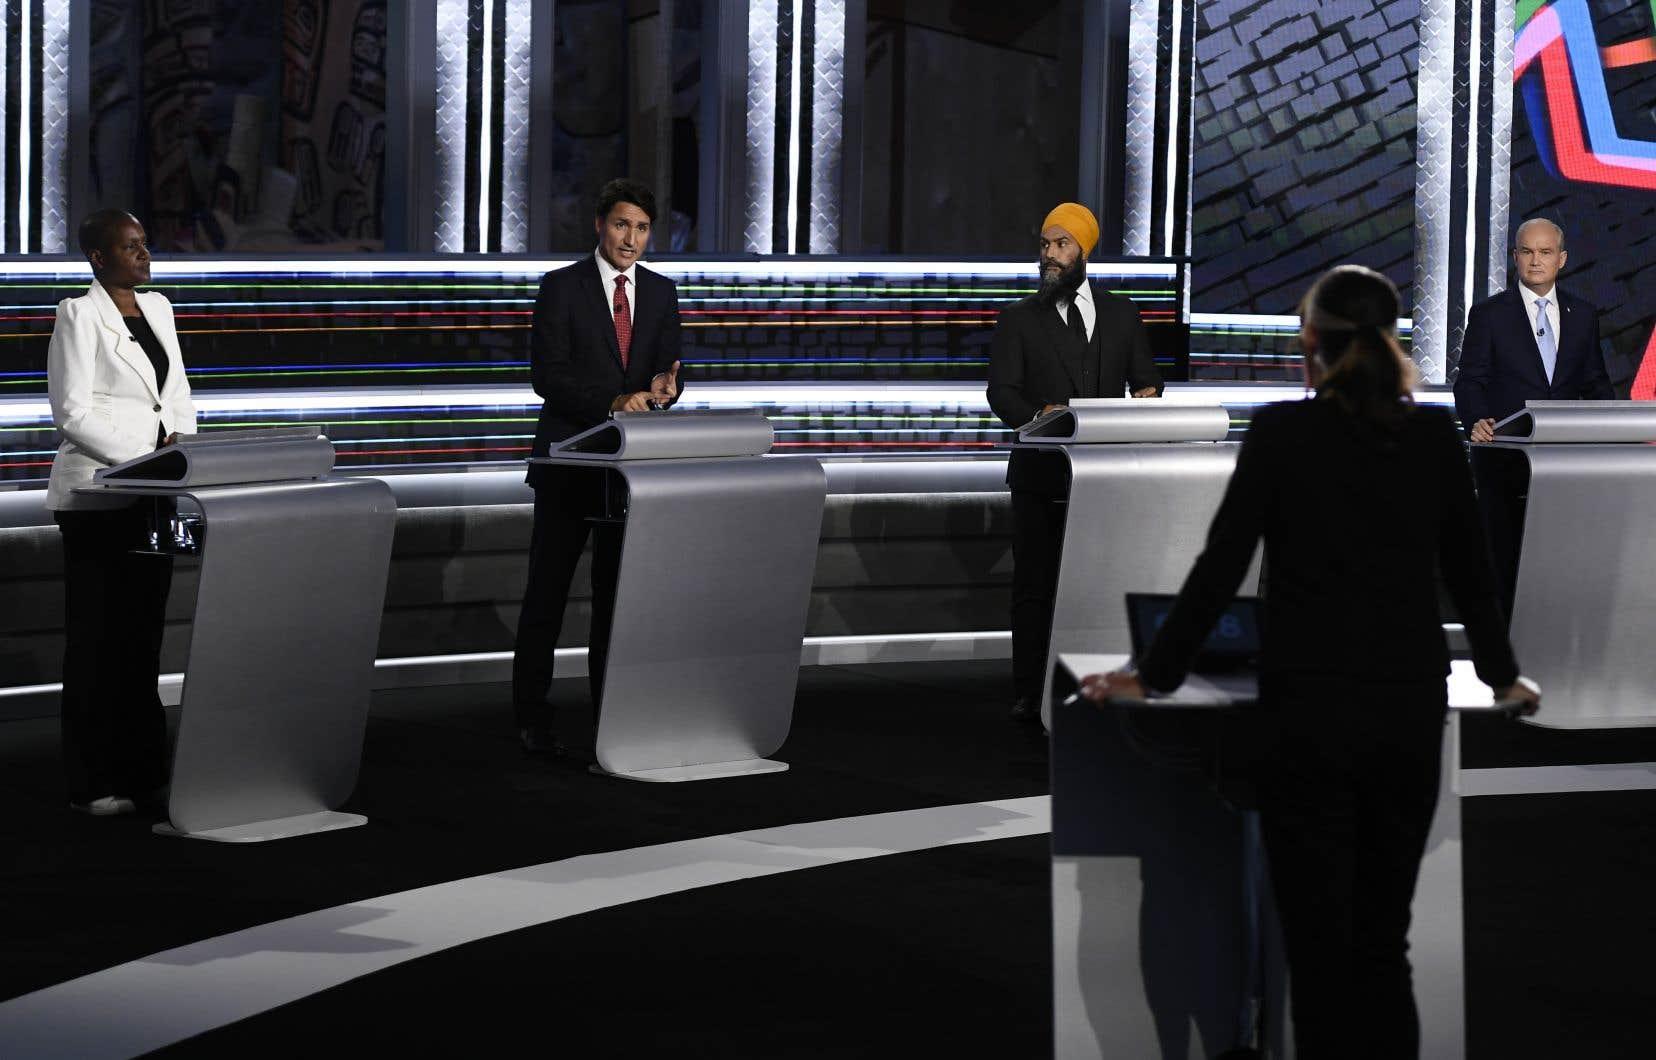 La modératrice du débat était Shachi Kurl, une ancienne journaliste devenue présidente de la firme de sondages Angus Reid.